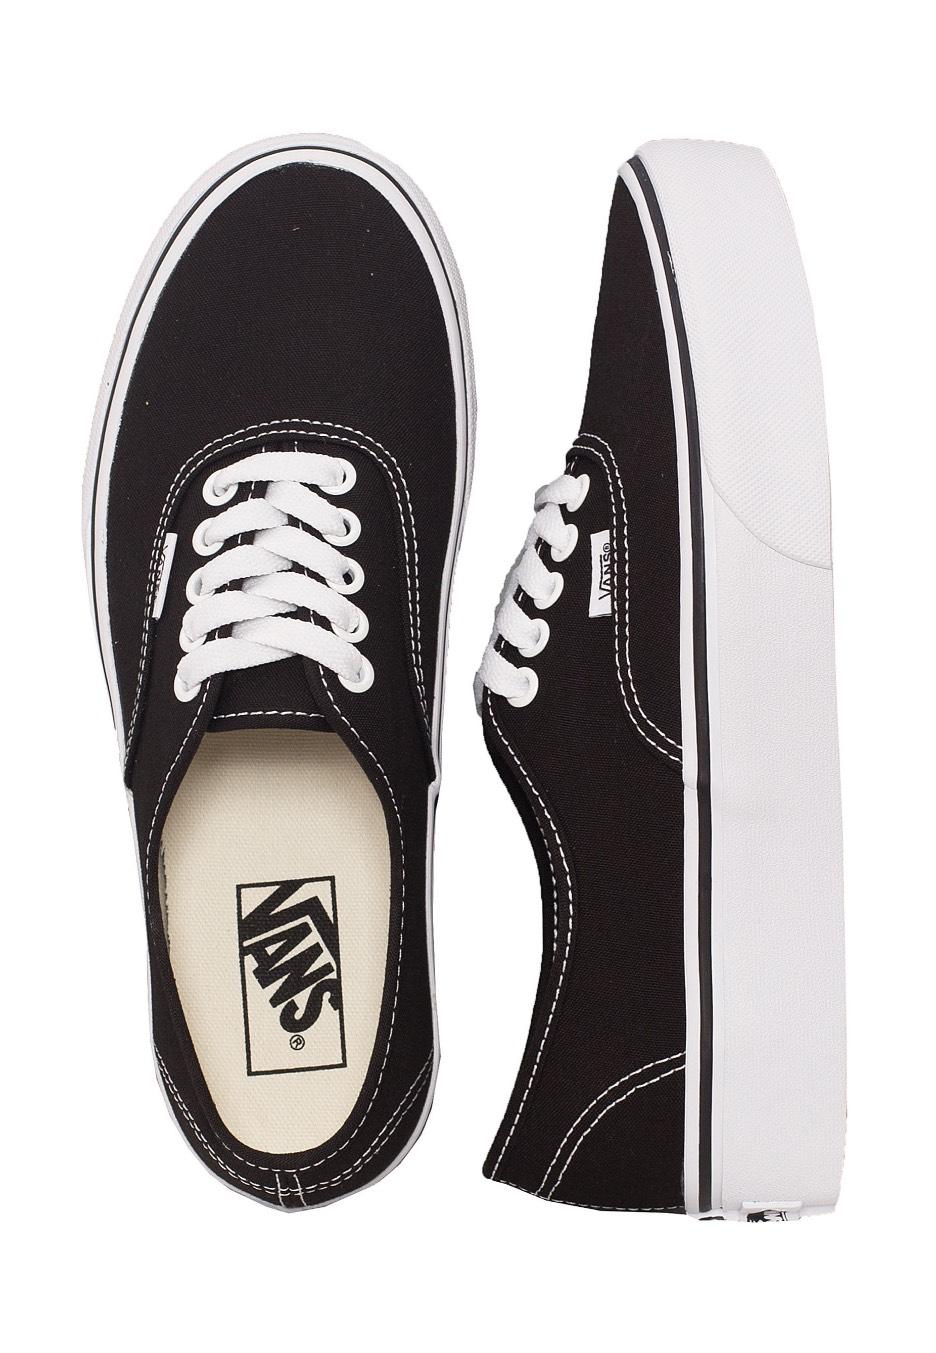 7576e677e45a64 Vans - Authentic Platform 2.0 Black - Girl Shoes - Impericon.com Worldwide